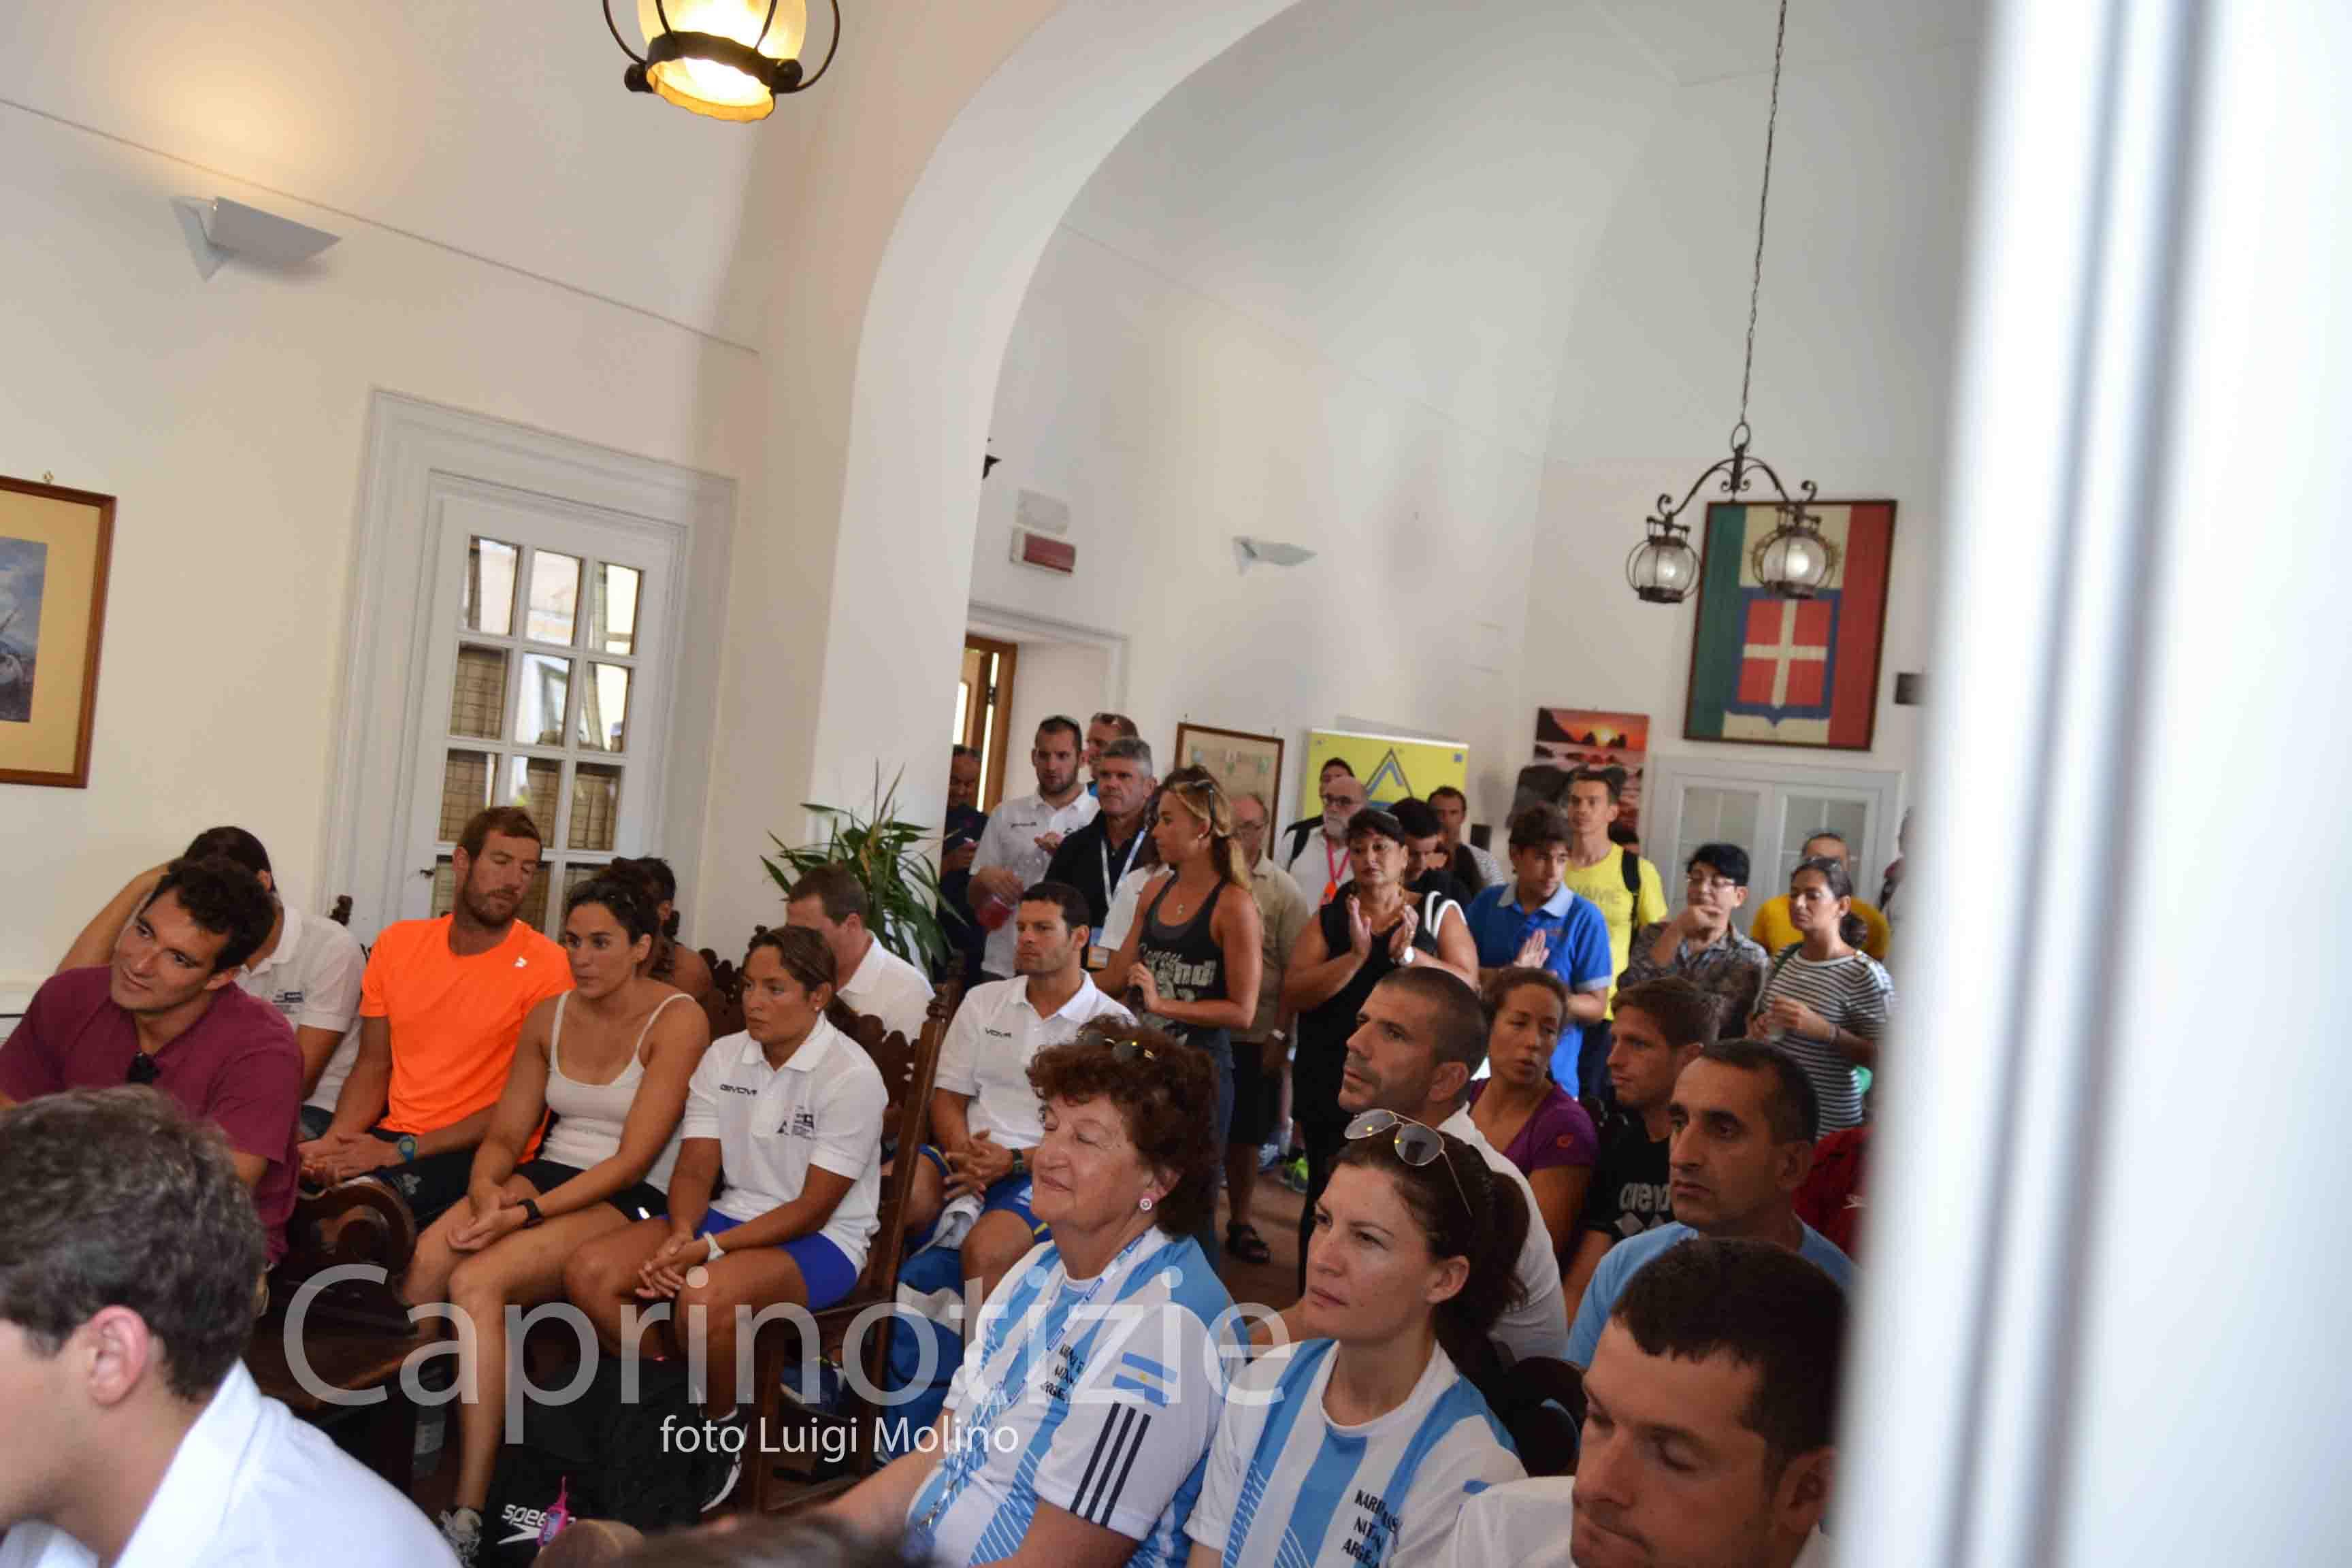 Capri-Napoli di nuoto: Conferenza di presentazione e buffet di benvenuto nella casa comunale